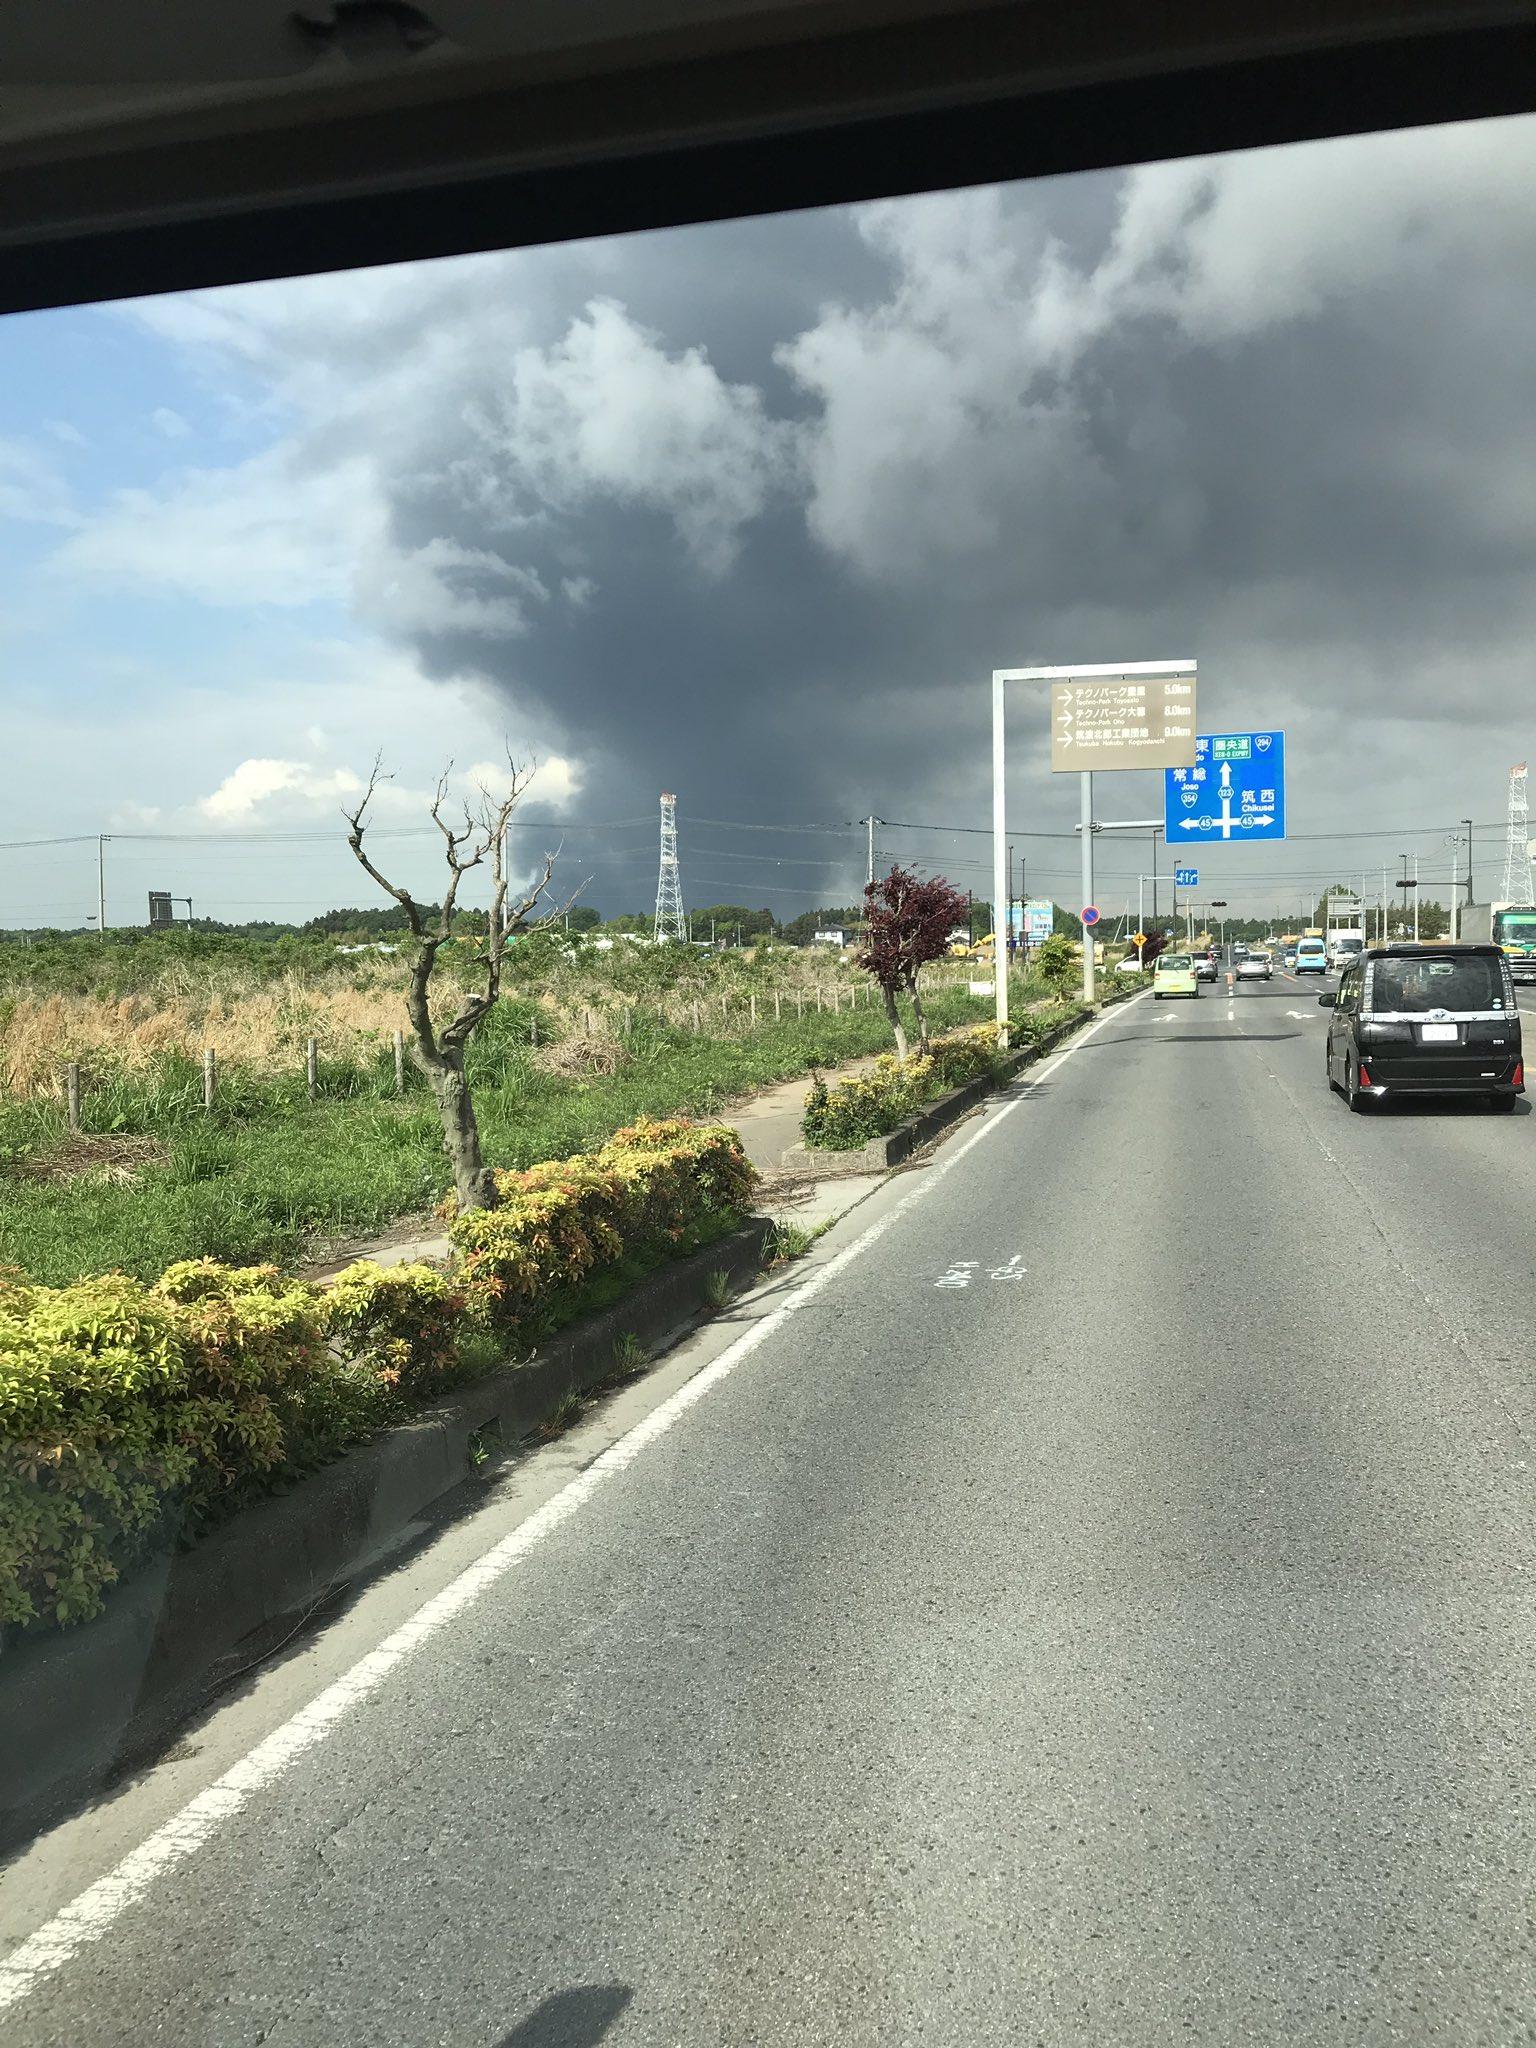 画像,火事だね!#茨城#火事 https://t.co/U4qXfzMpdC。